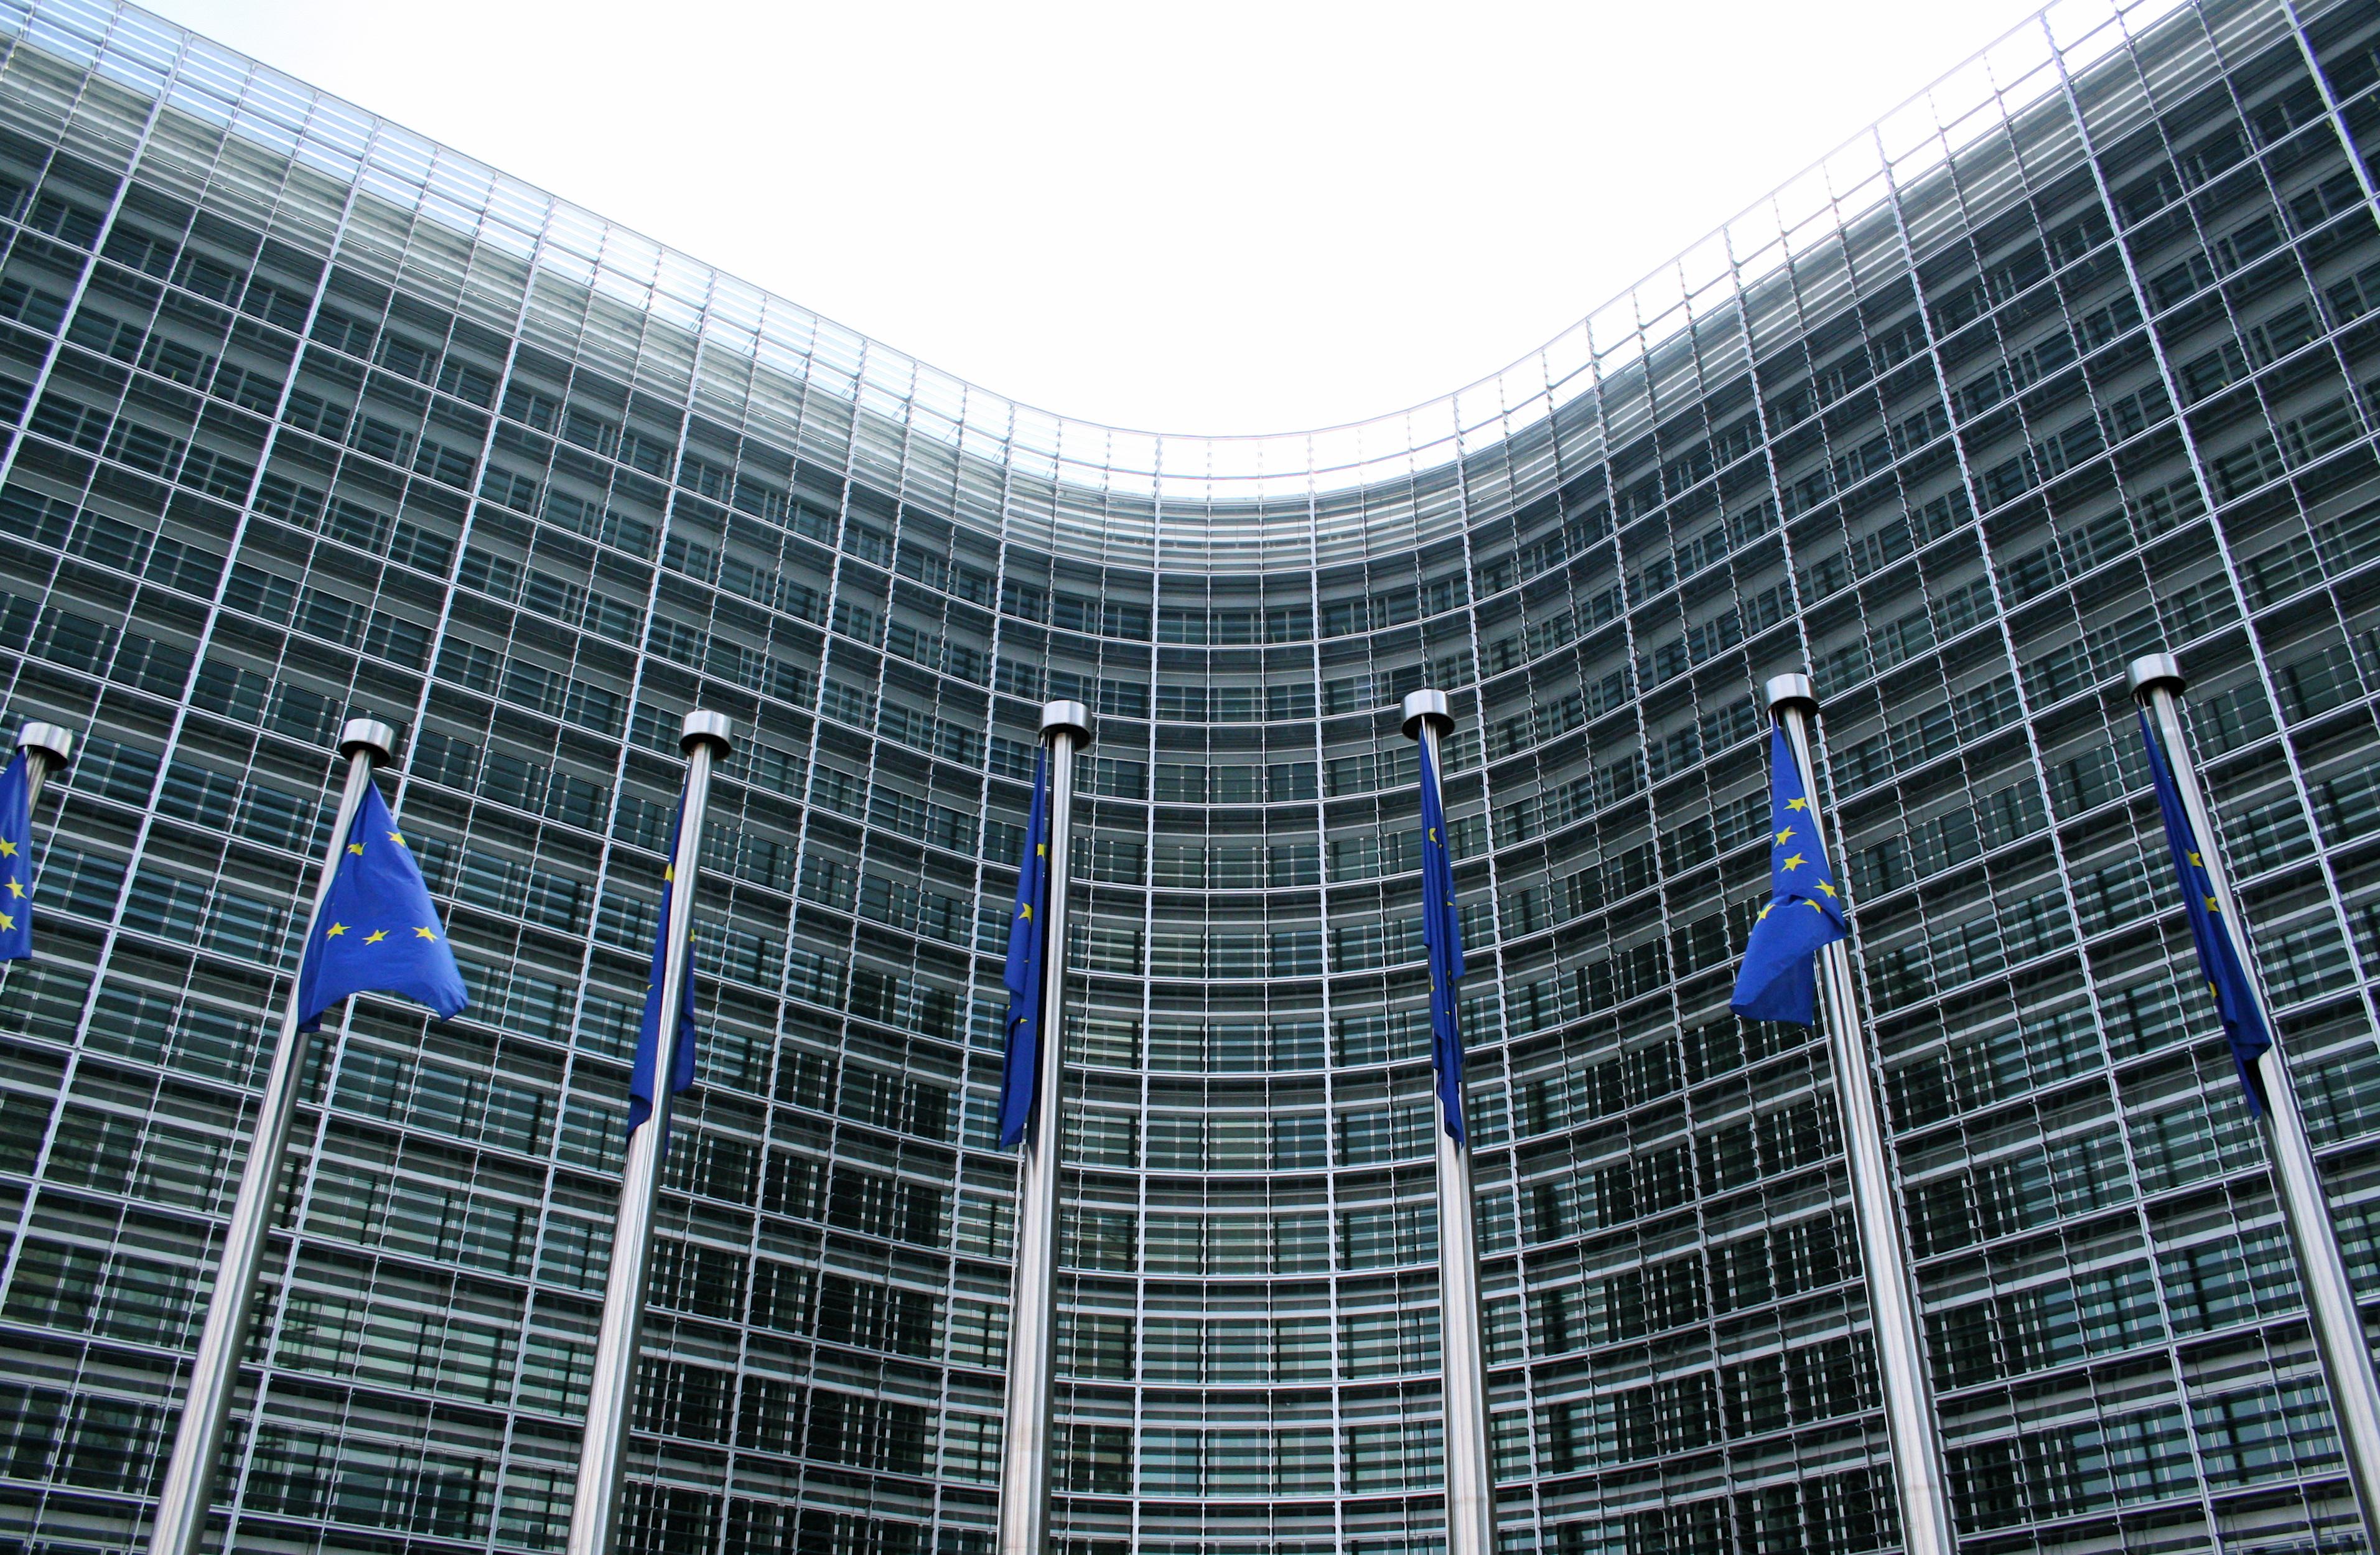 Bruxelles | Il Quartiere Europeo di Bruxelles